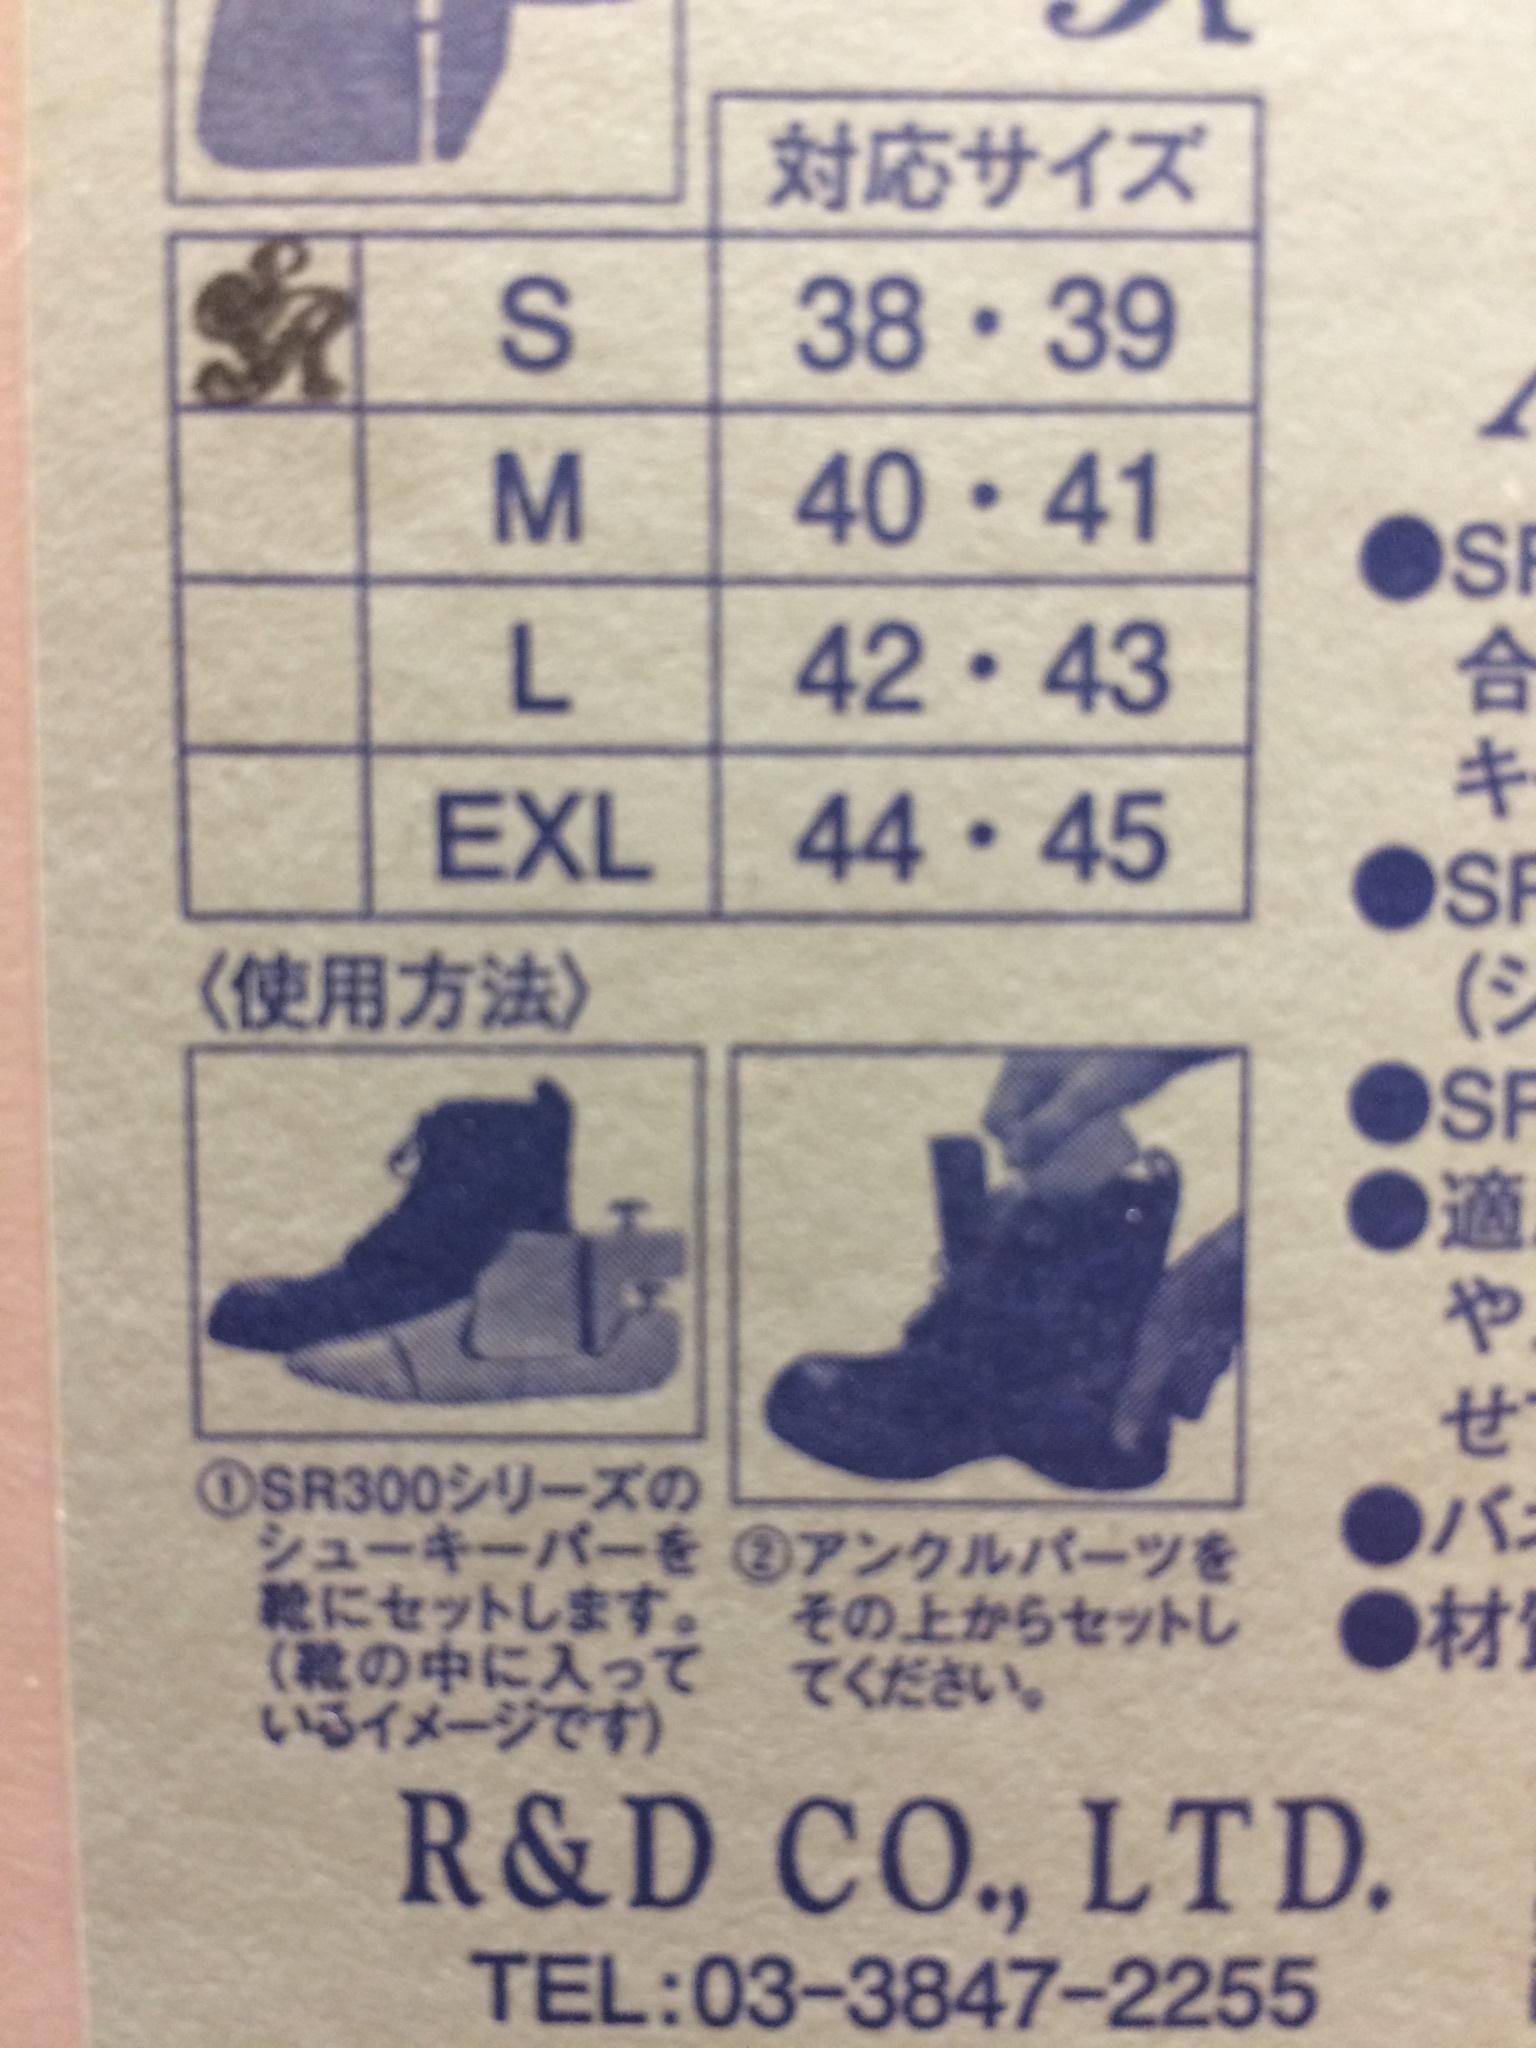 ブーツ対応キーパー_b0226322_10153834.jpg